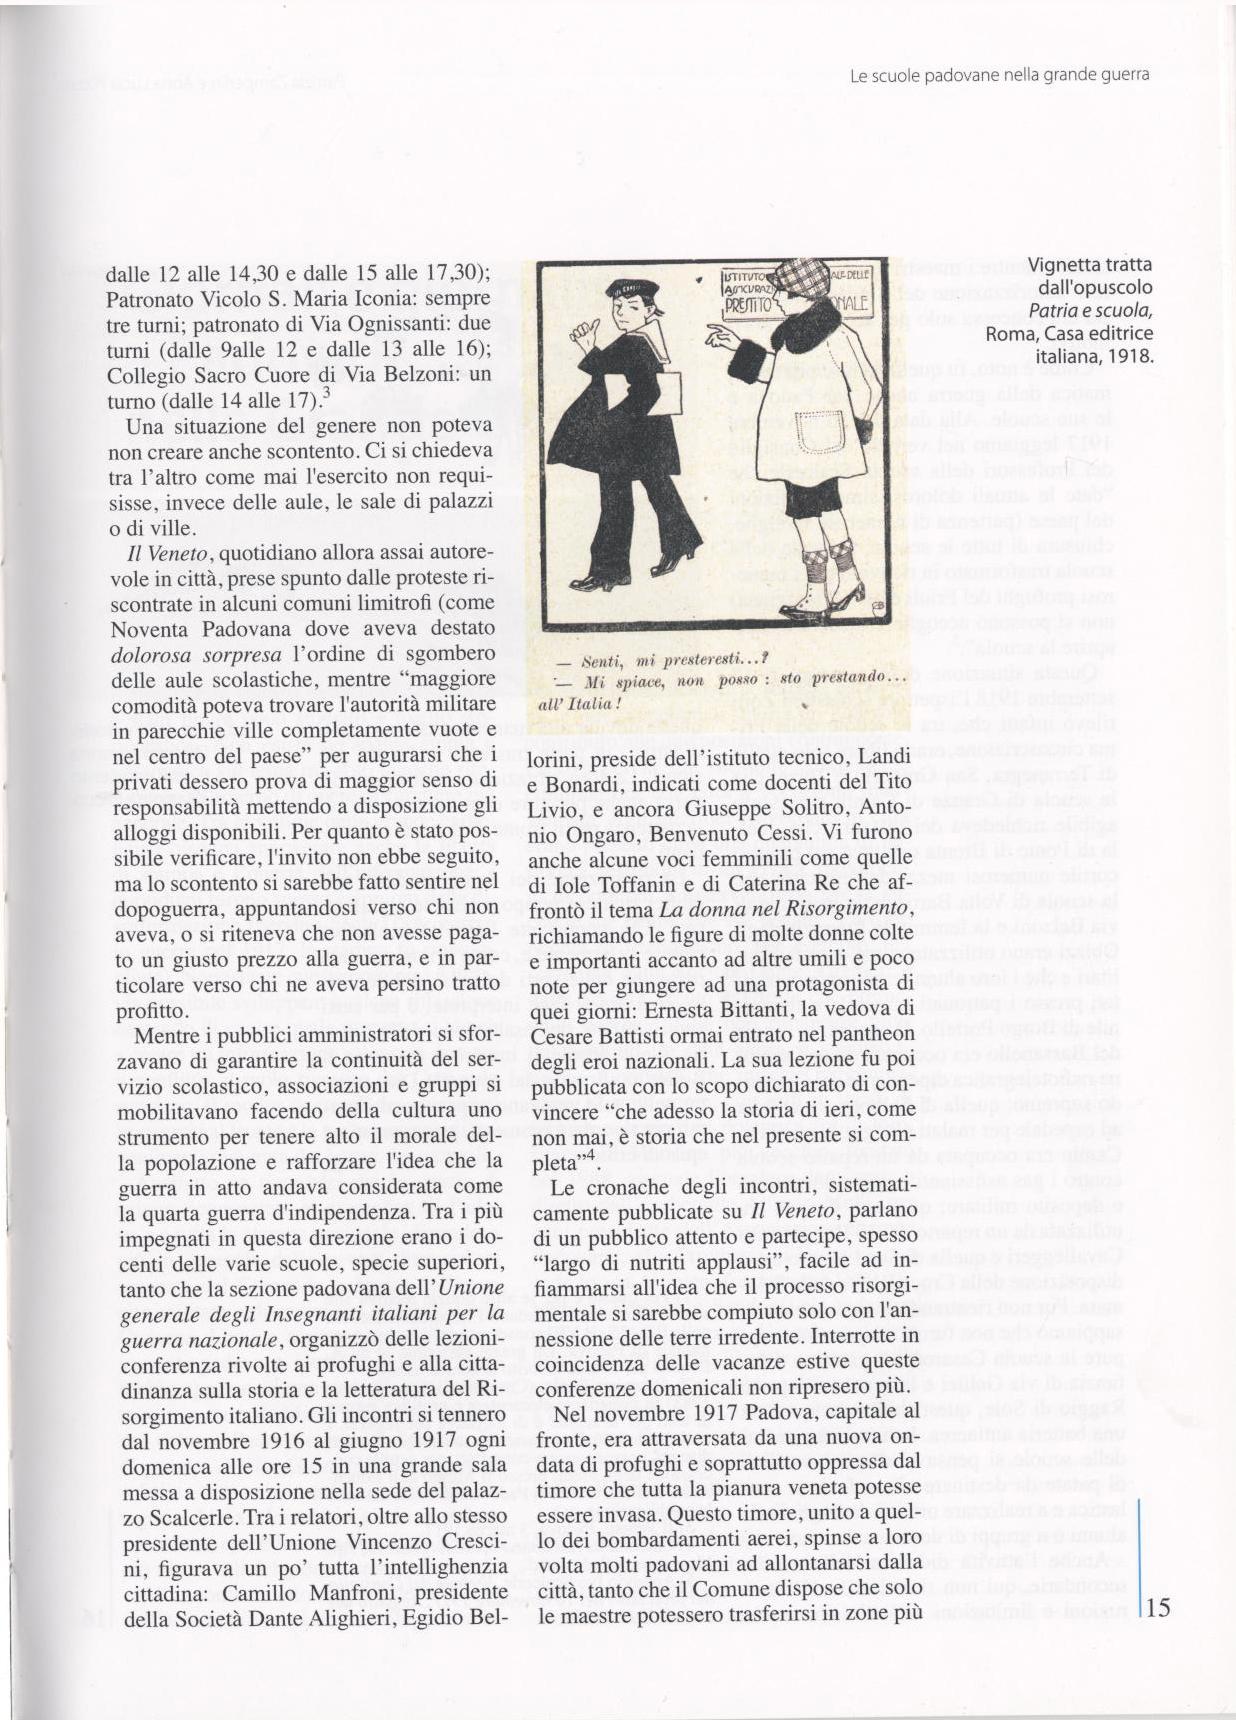 padovaeilsuoterritorio p 15